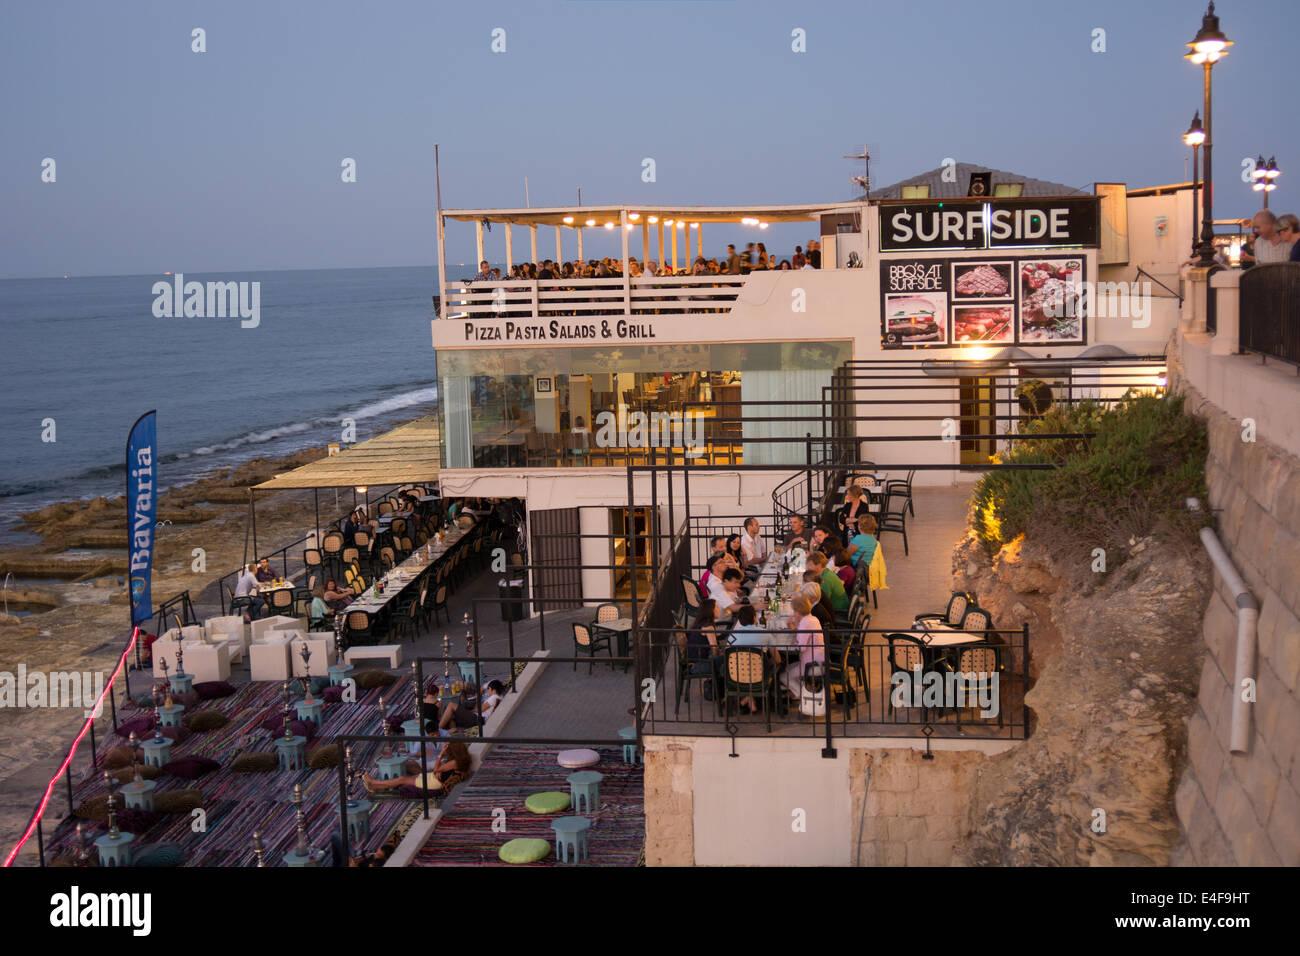 Los clientes disfrutar de una buena cena al aire libre en el restaurante situado en el Surfside Tower Road, Sliema Imagen De Stock